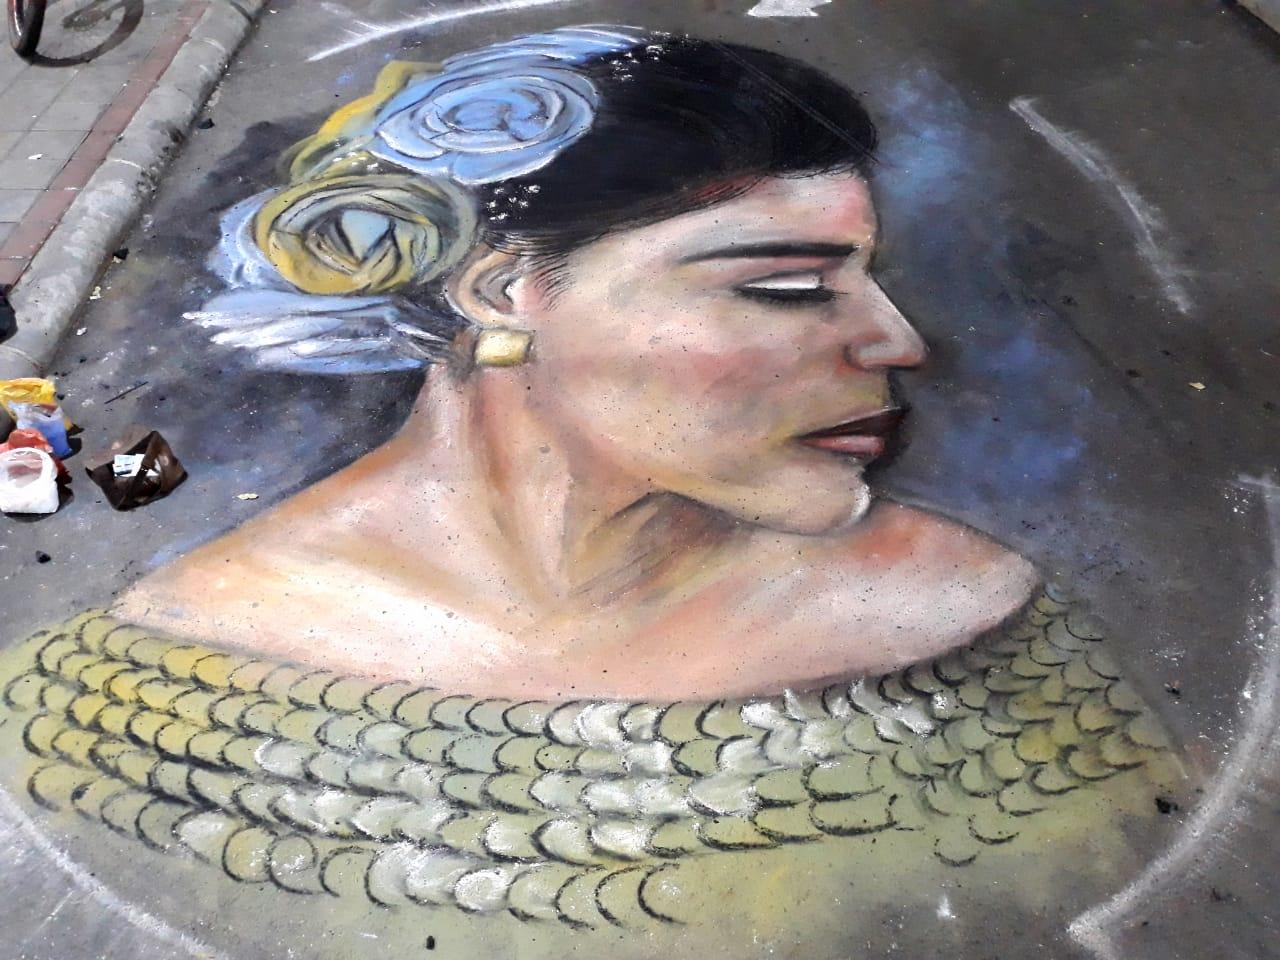 El pintor expresa que la civilización tiene un problema y no lo han entendido del todo.